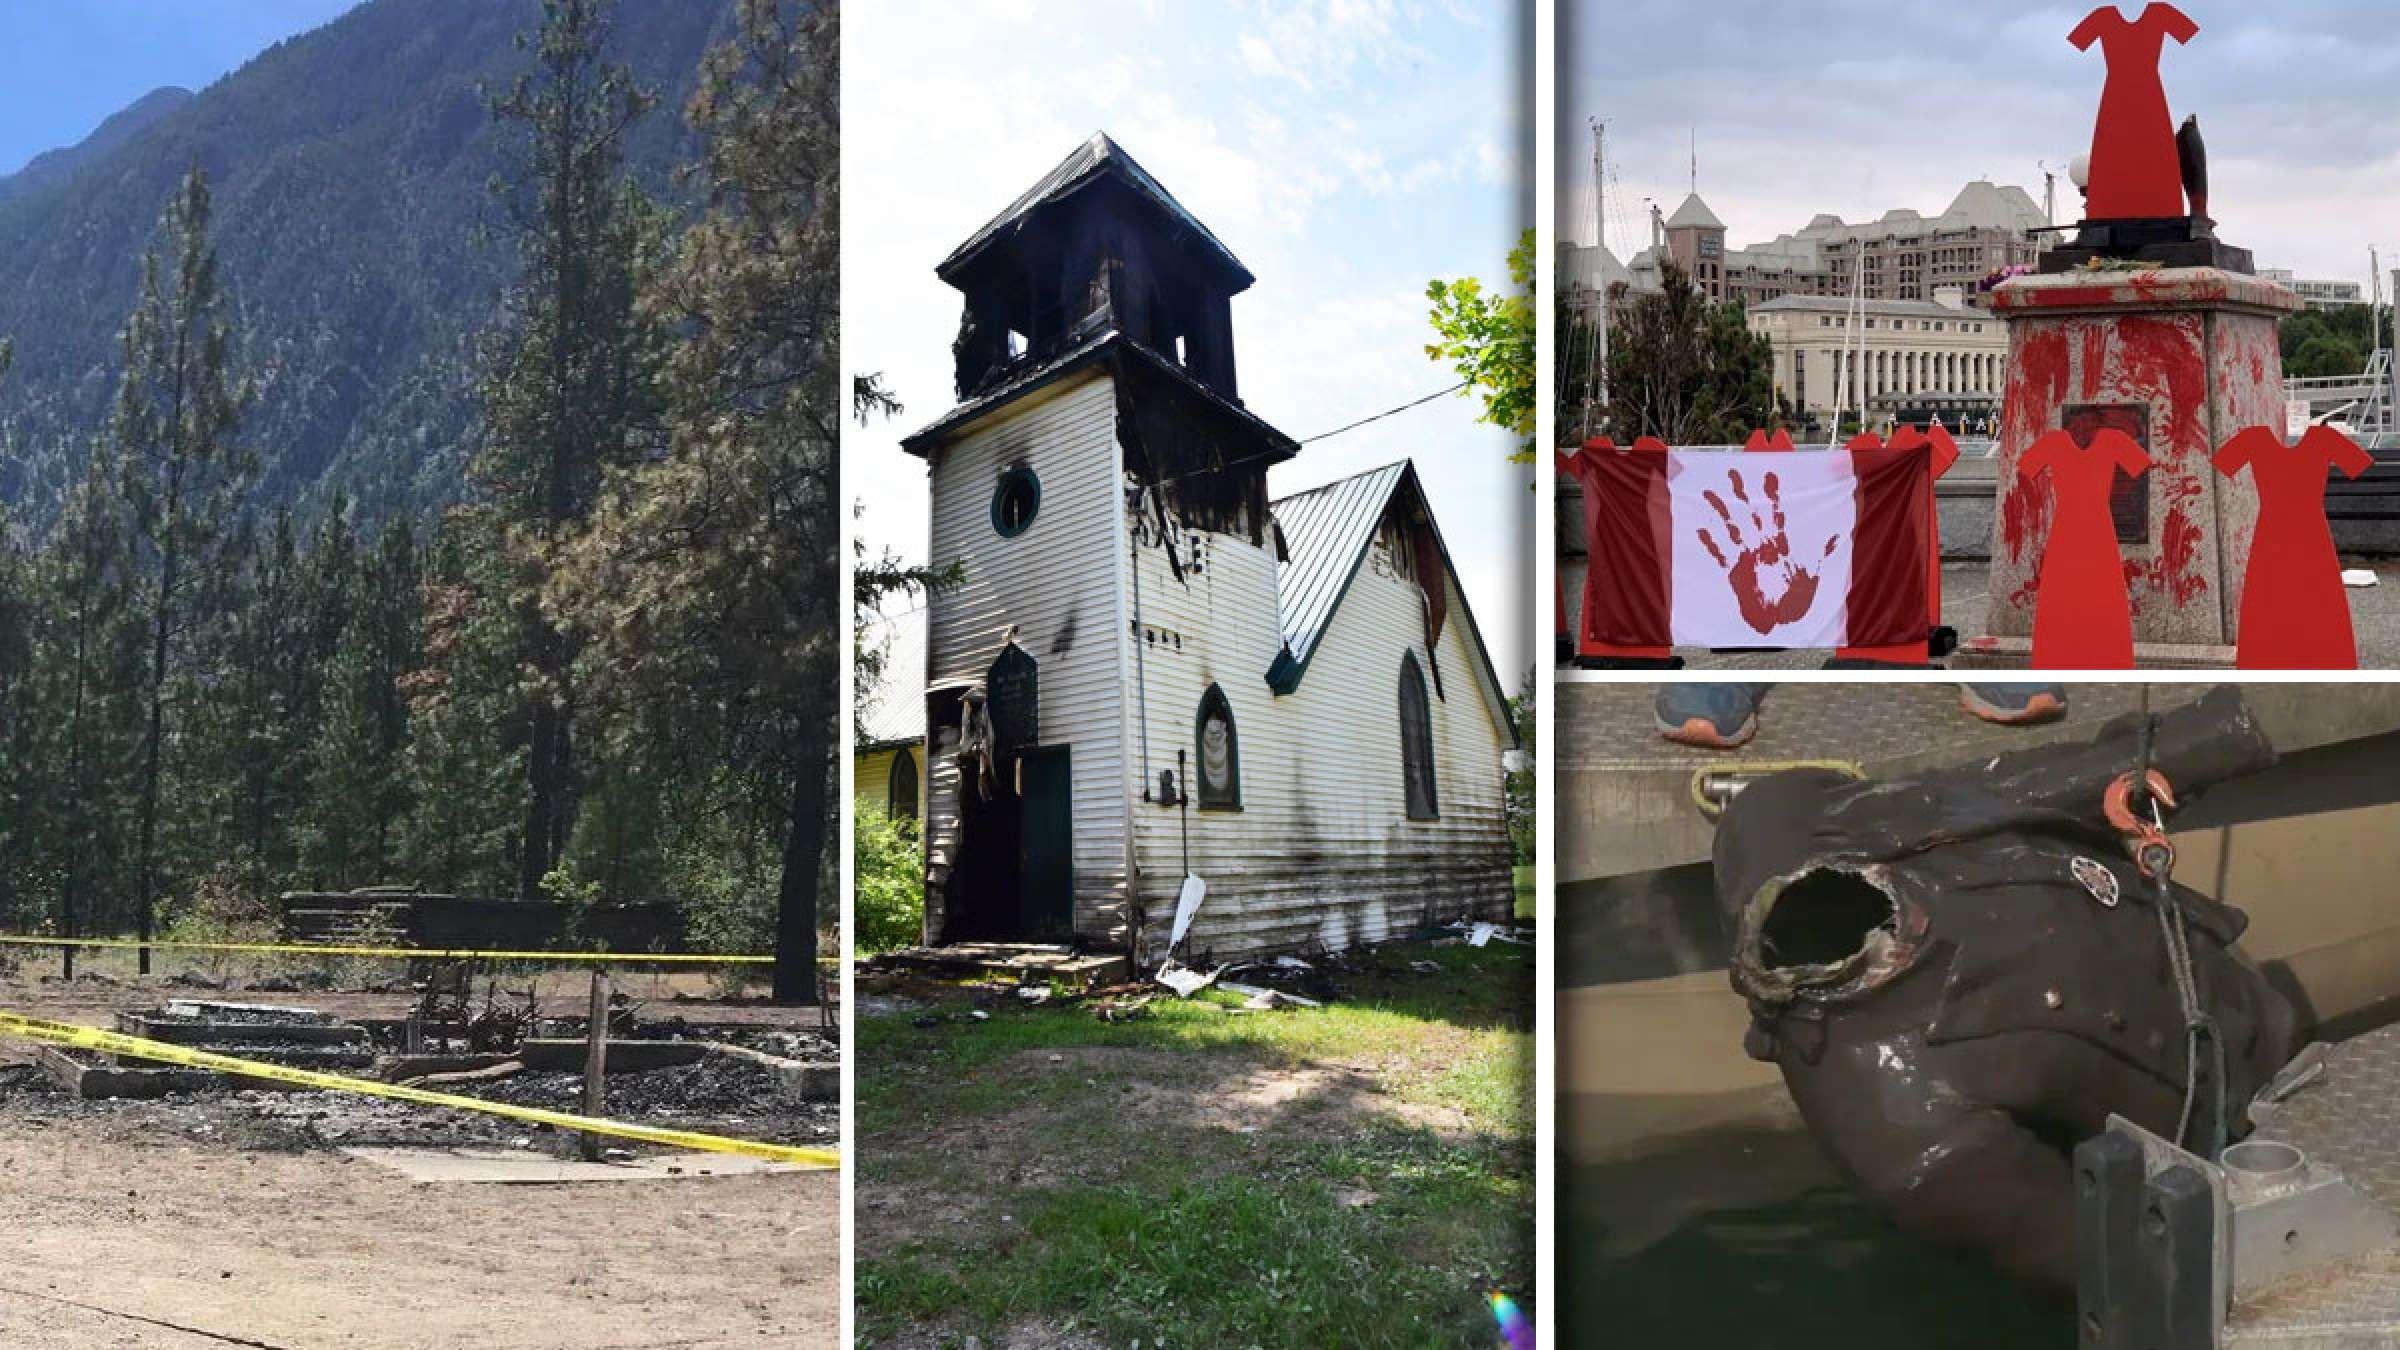 خبر-کانادا-مجسمه-جیمز-کوک-پایین-کشیده-سرش-بریده-غرق-کلیسای-نهم-و-دهم-به-آتش-کشیده-شدند